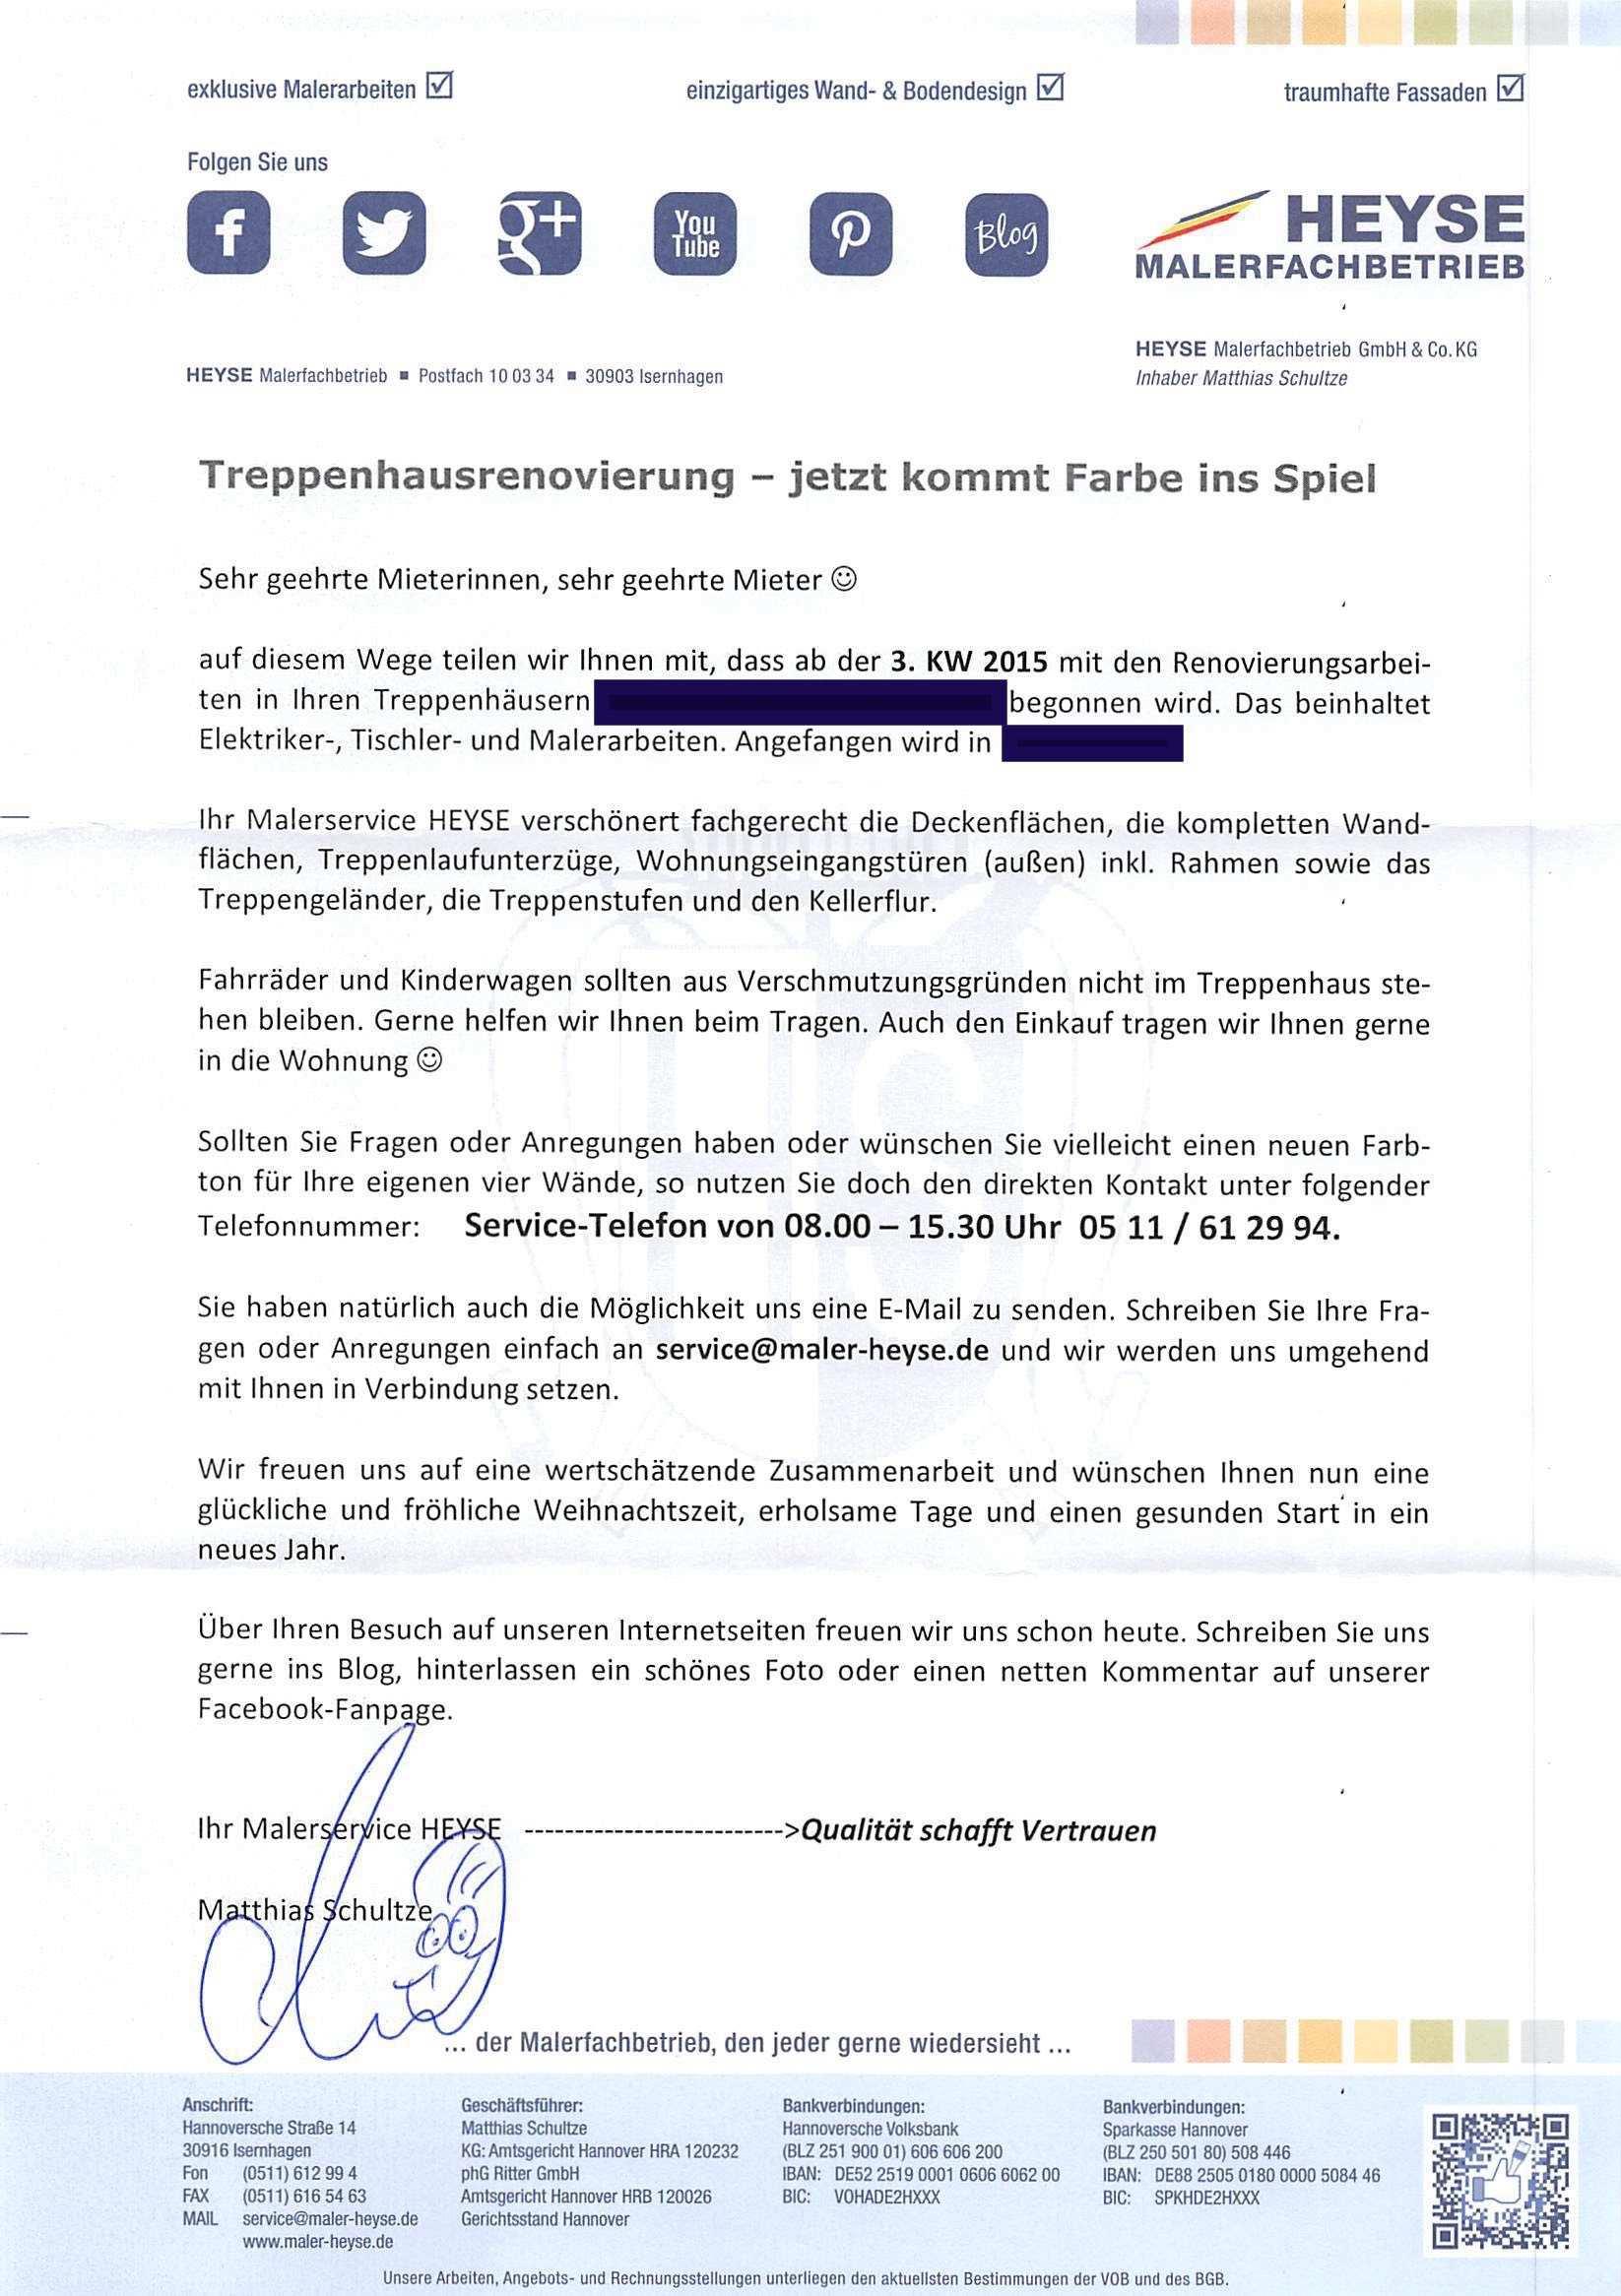 Treppenhauser Renovieren Mieter Wollen Vorher Informiert Werden Meinmaler Partner Netzwerk